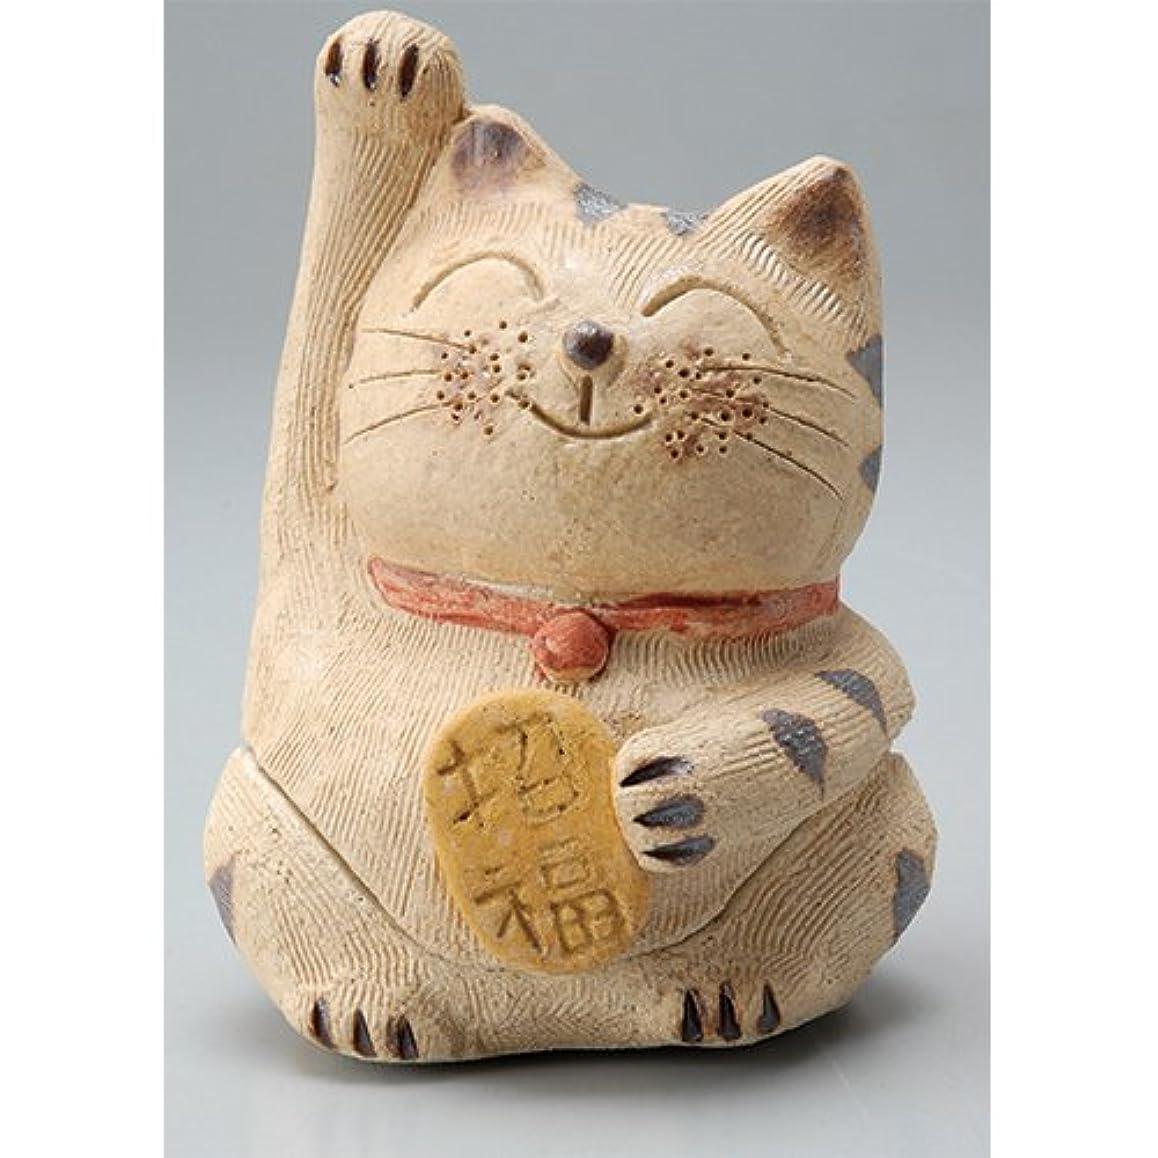 仕えるエイズ障害香炉 微笑み招き猫(お金招き)香炉(小) [H8.5cm] HANDMADE プレゼント ギフト 和食器 かわいい インテリア